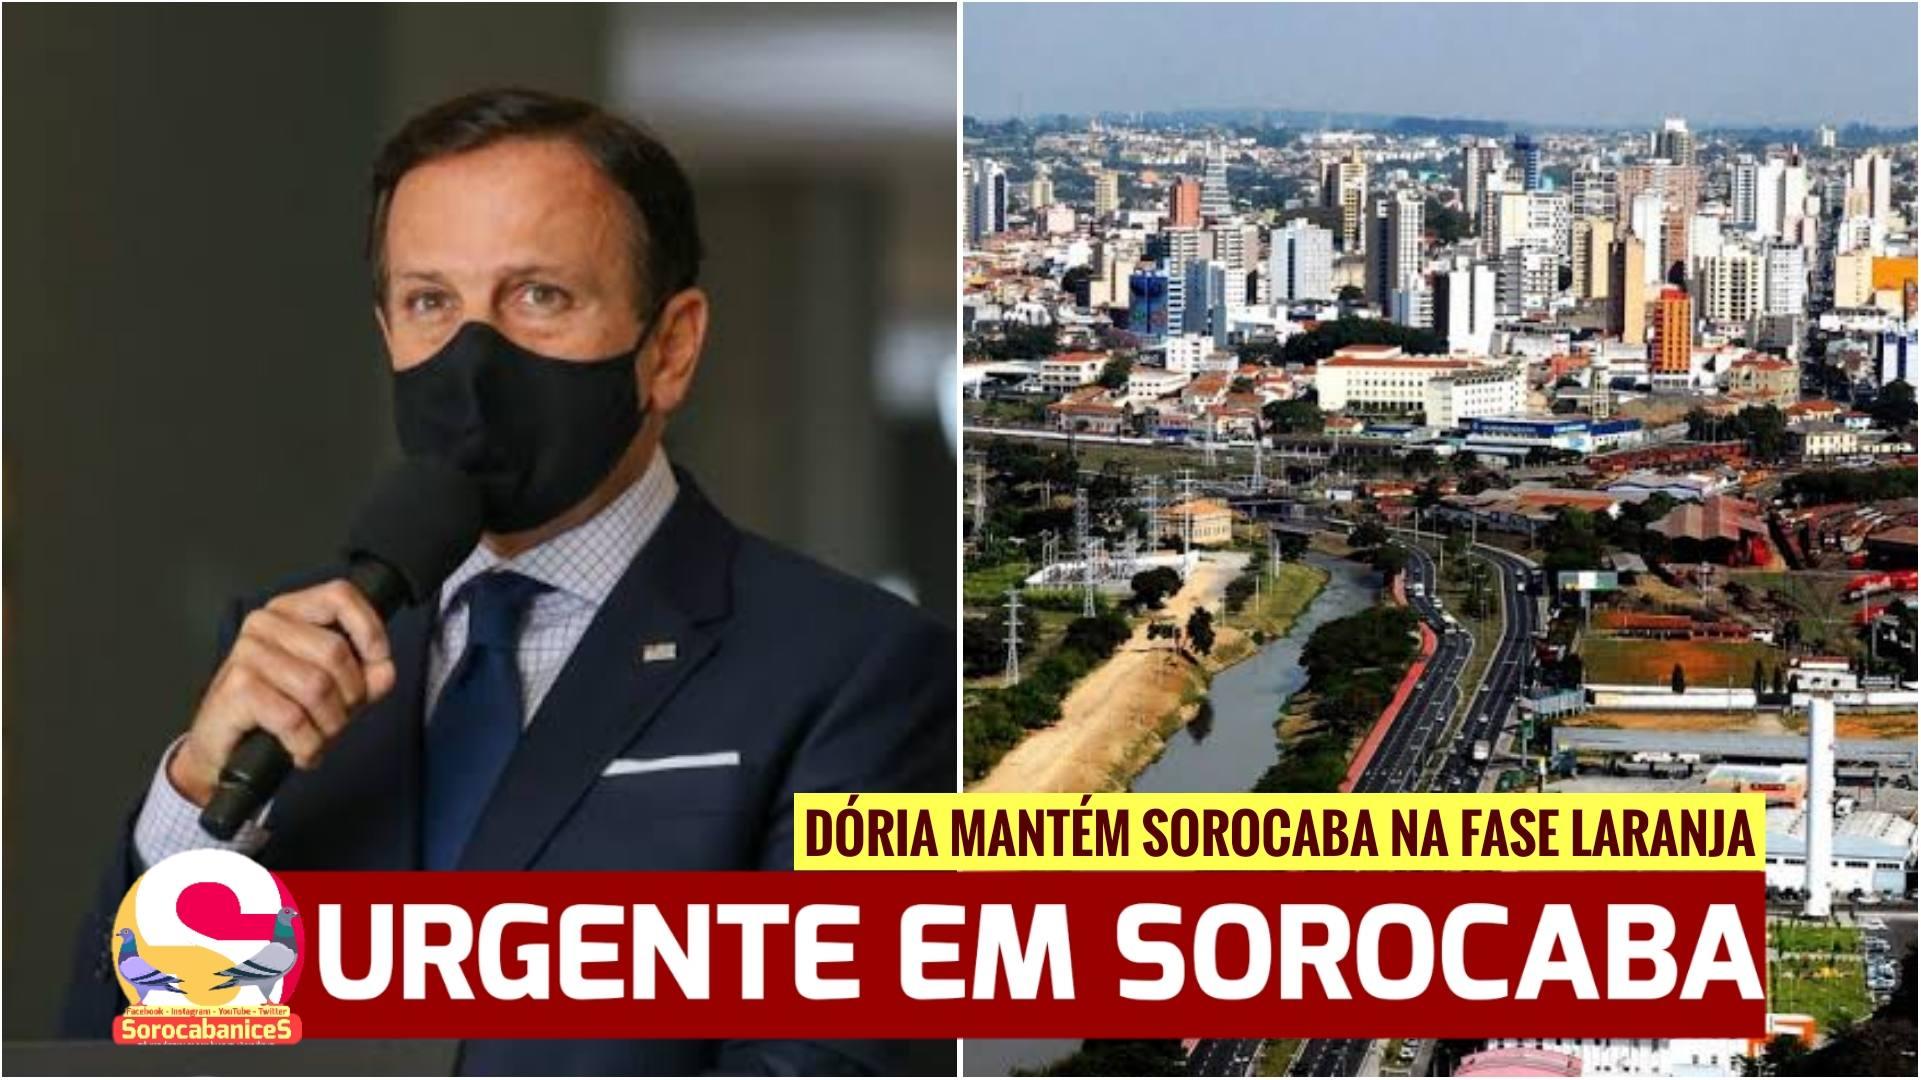 João Dória mantém Sorocaba na fase laranja do plano SP; assista